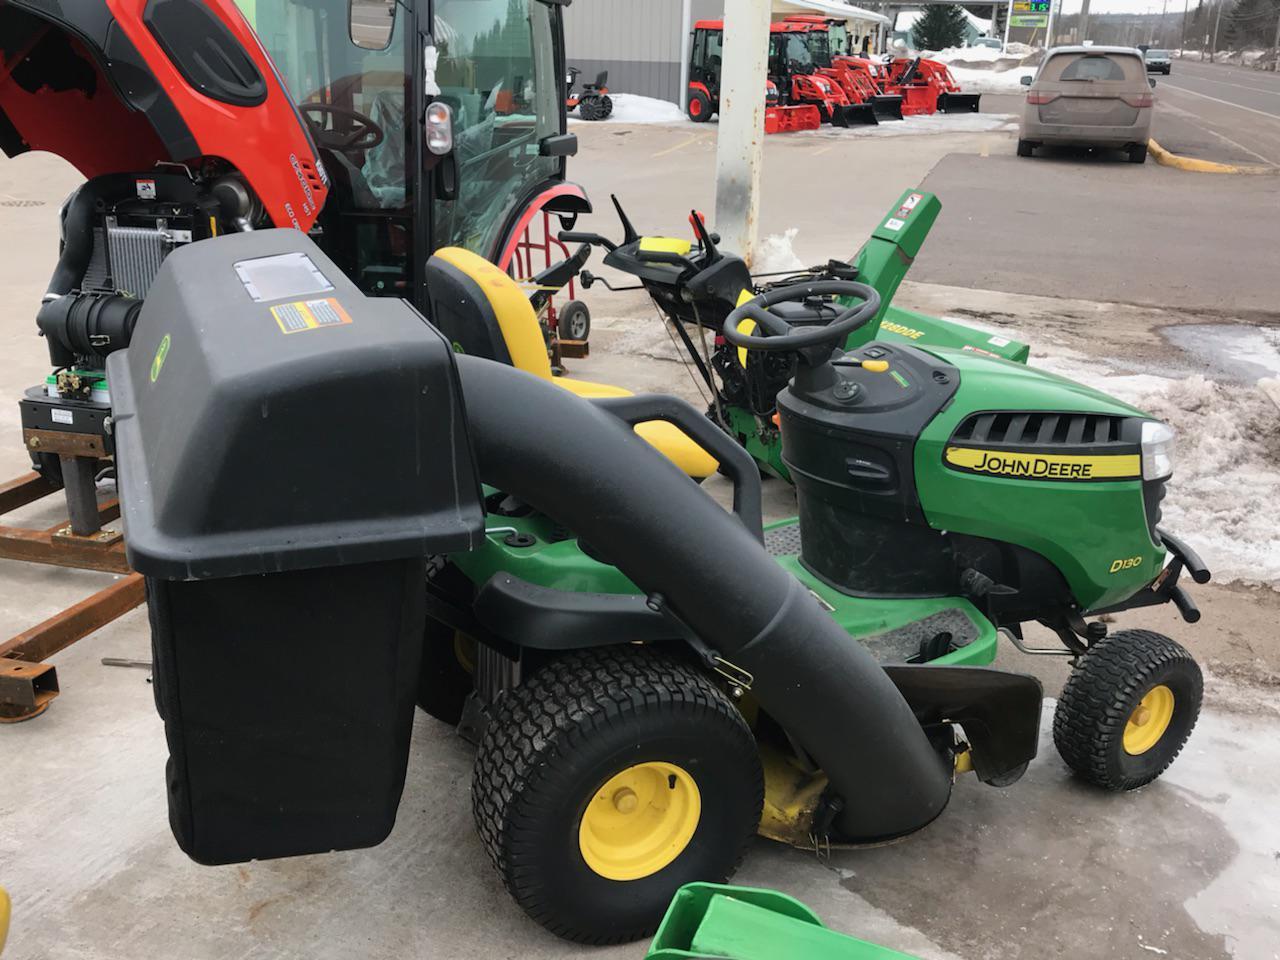 2012 John Deere D130 for sale in Dollar Bay, MI | Ward's Outdoor Equipment  & Repair (906) 482-6255